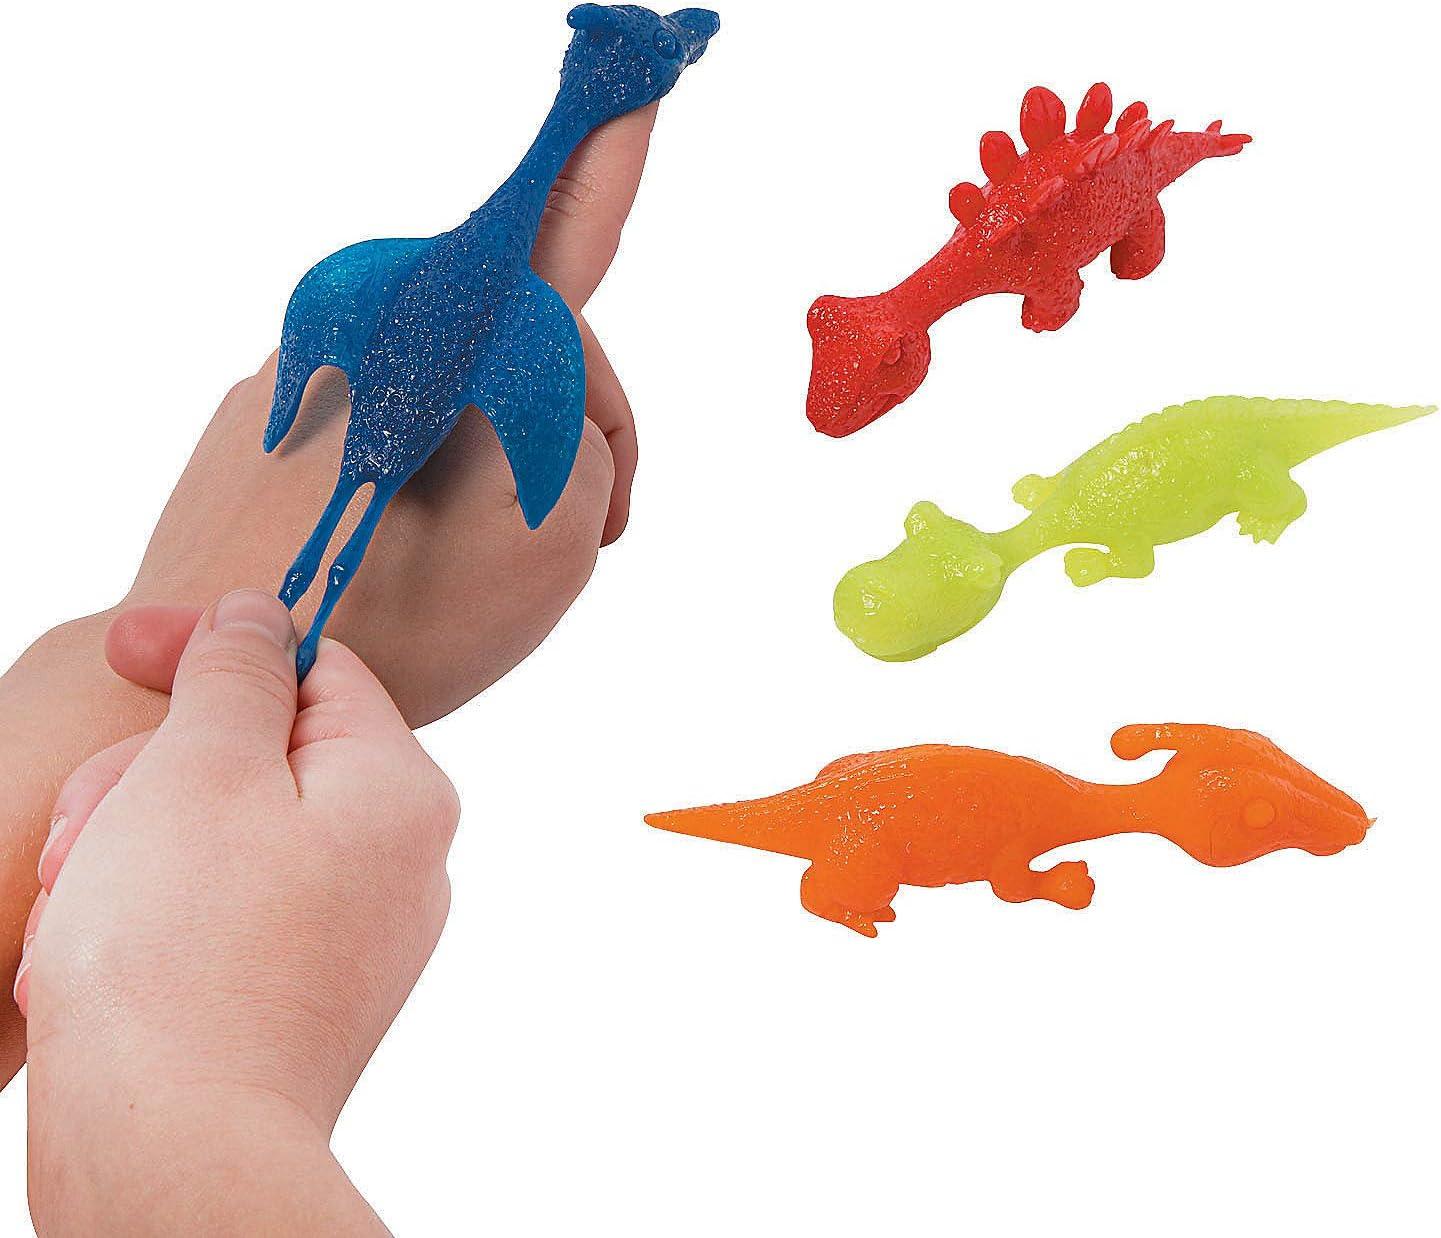 Amazon Com Juguetes De Dinosaurios Voladores Elasticos 12 Unidades Divertidos Juguetes De Valor Y Recuerdos De Fiesta Toys Games Los pterosaurios, que significa reptiles alados, fueron un orden de voladores fósiles, parientes de los dinosaurios, que presentaban diversas formas y. juguetes de dinosaurios voladores elasticos 12 unidades divertidos juguetes de valor y recuerdos de fiesta